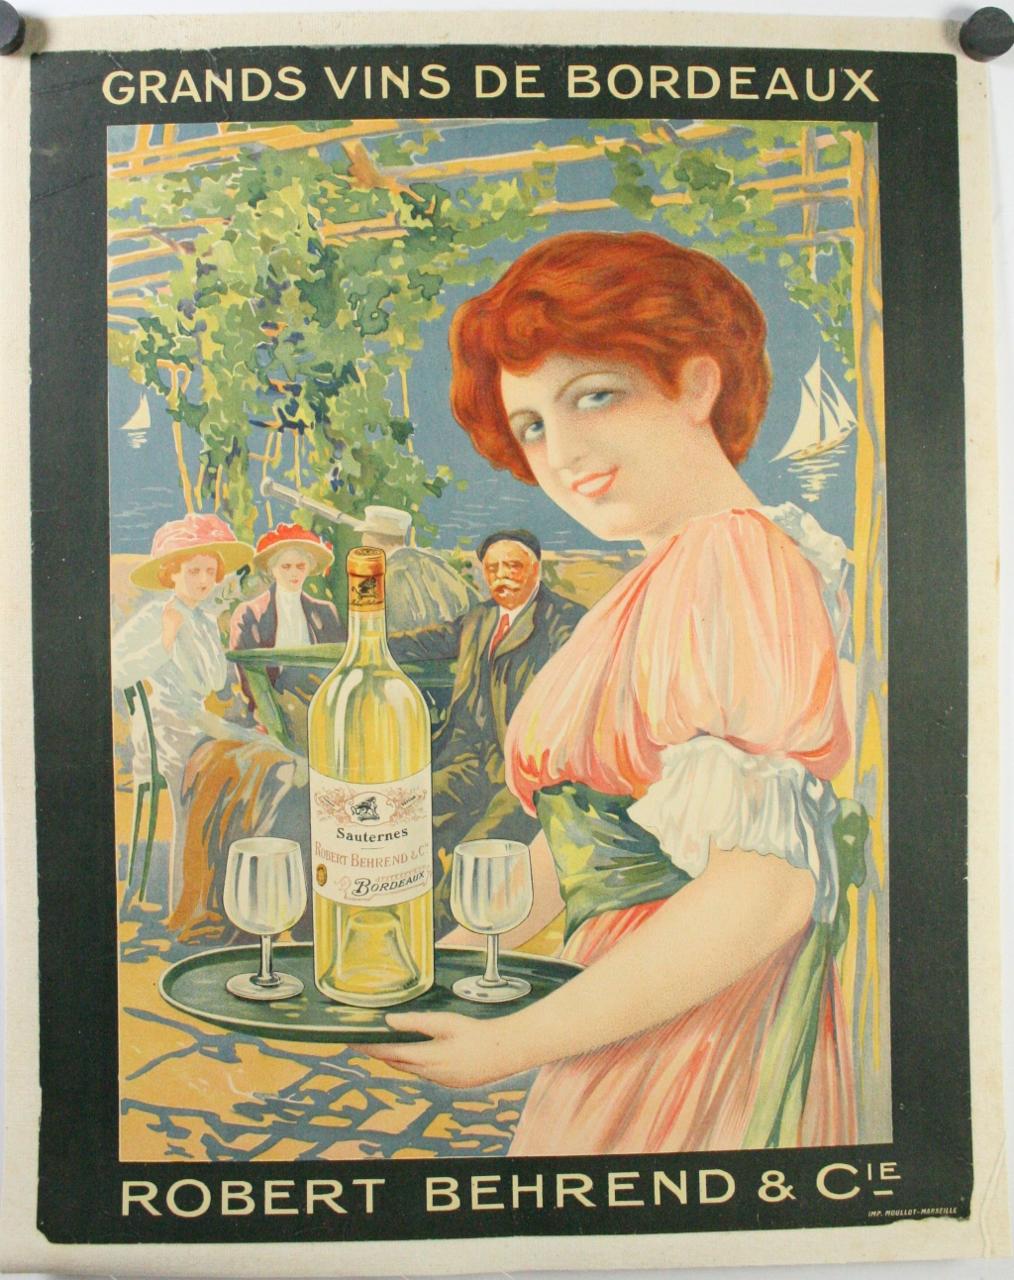 GRANDS VINS DE BORDEAUX Original Vintage French Wine Poster